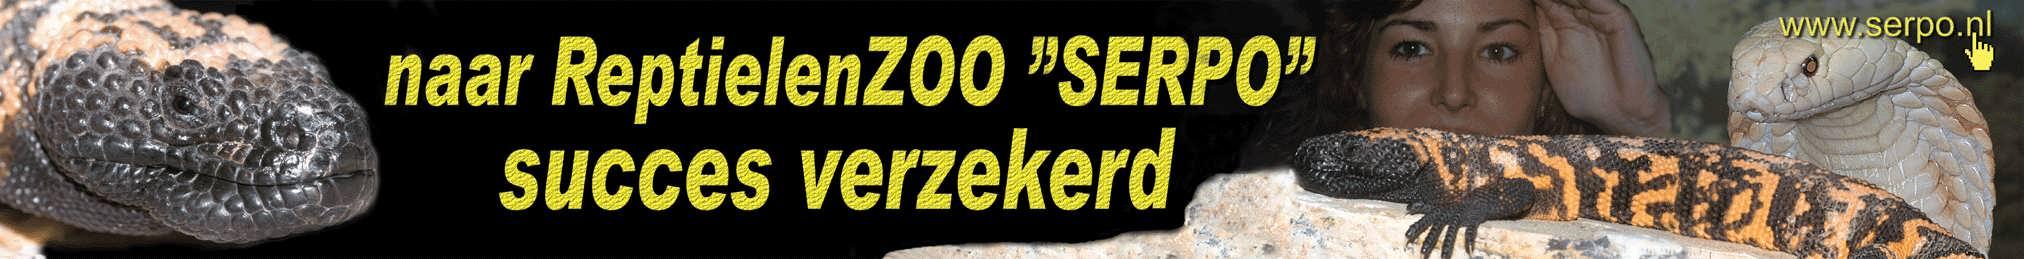 Serpo banner 2007